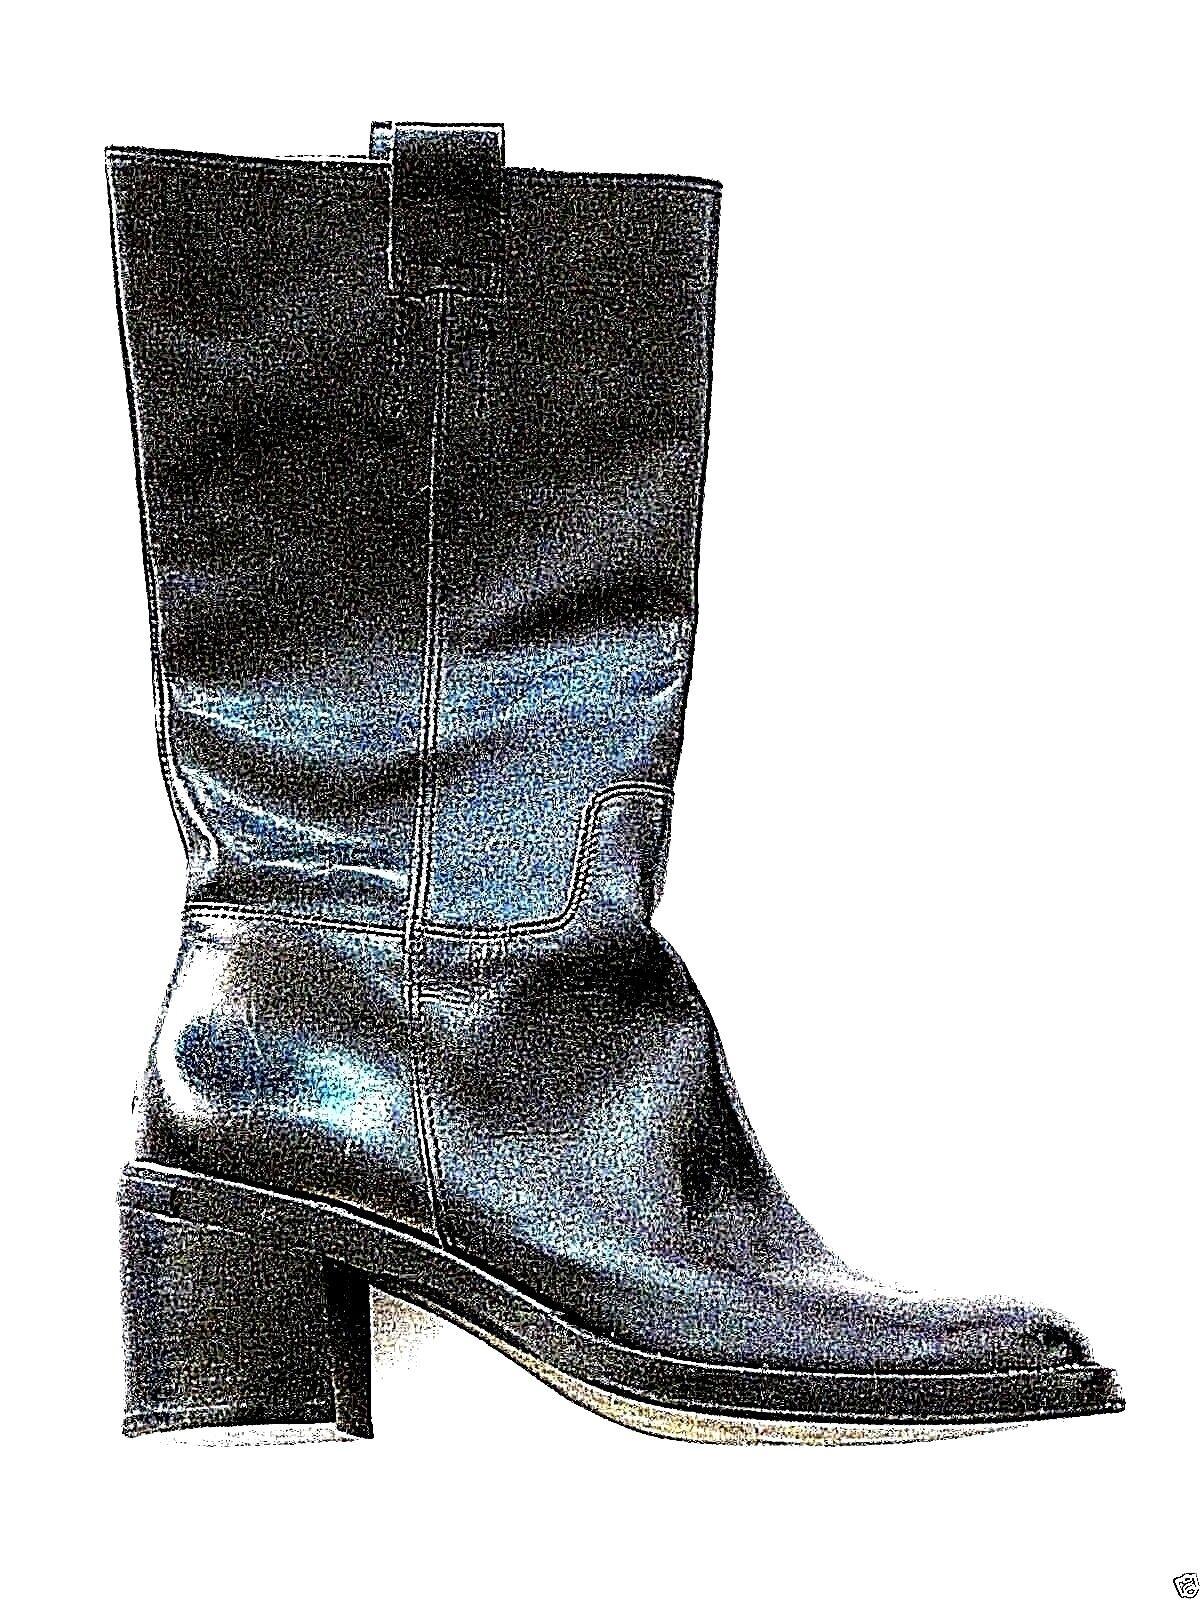 Pristine BANANA REPUBLIC black genuine leather mid calf boots 7.5 8 $175+